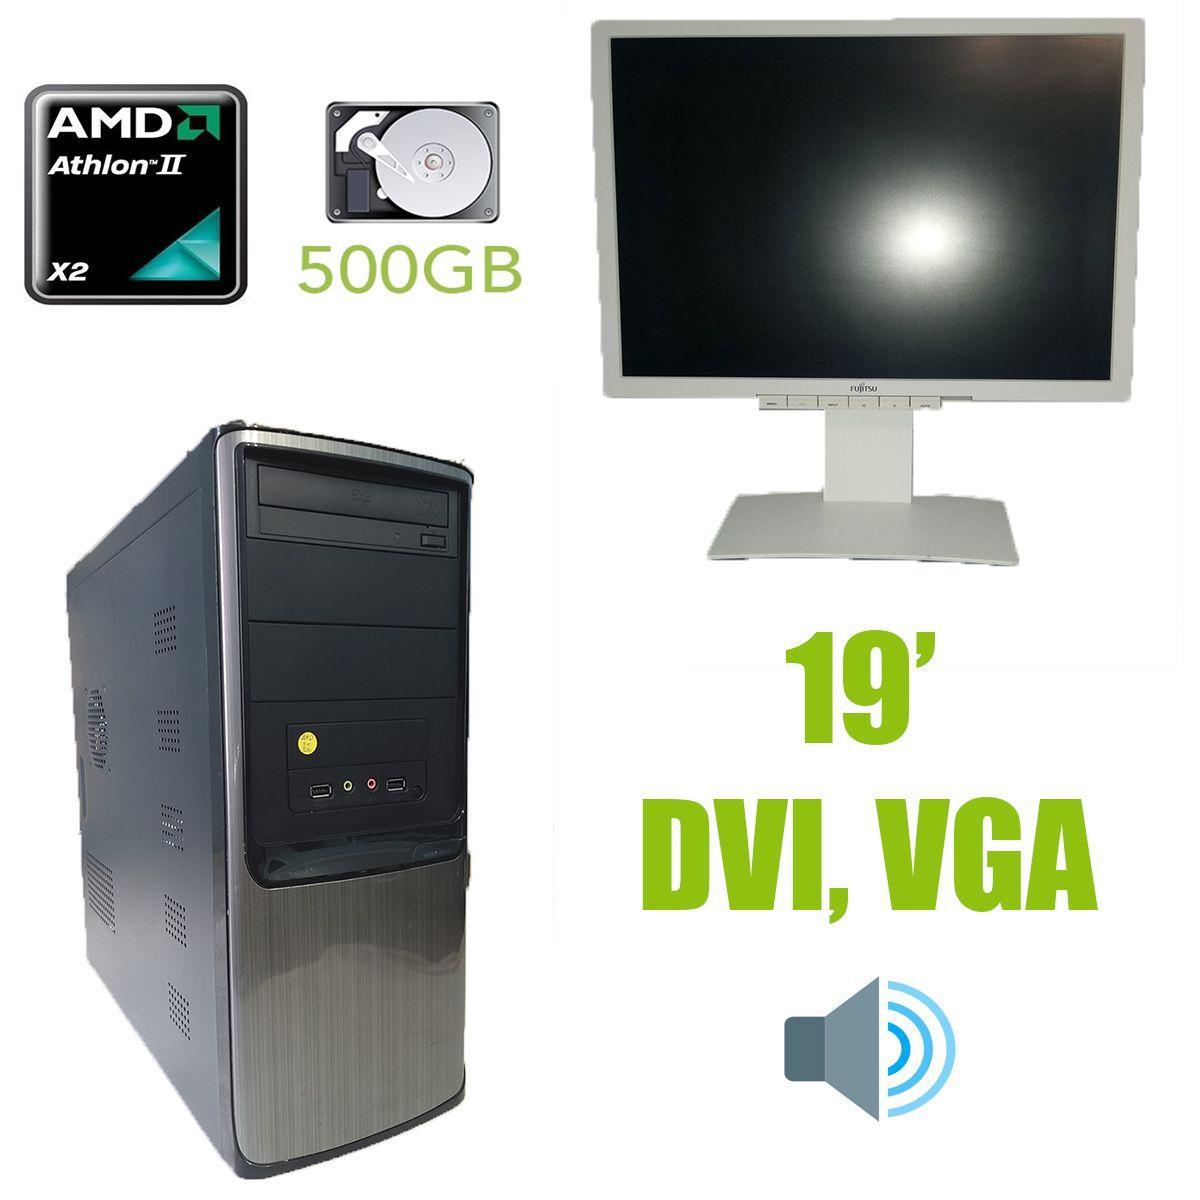 AMD Tower / AMD Athlon x2 255 (2 ядра по 3.1GHz) / 4GB DDR3 / 500GB HDD / HEC 350W + монитор Fujitsu-Siemens